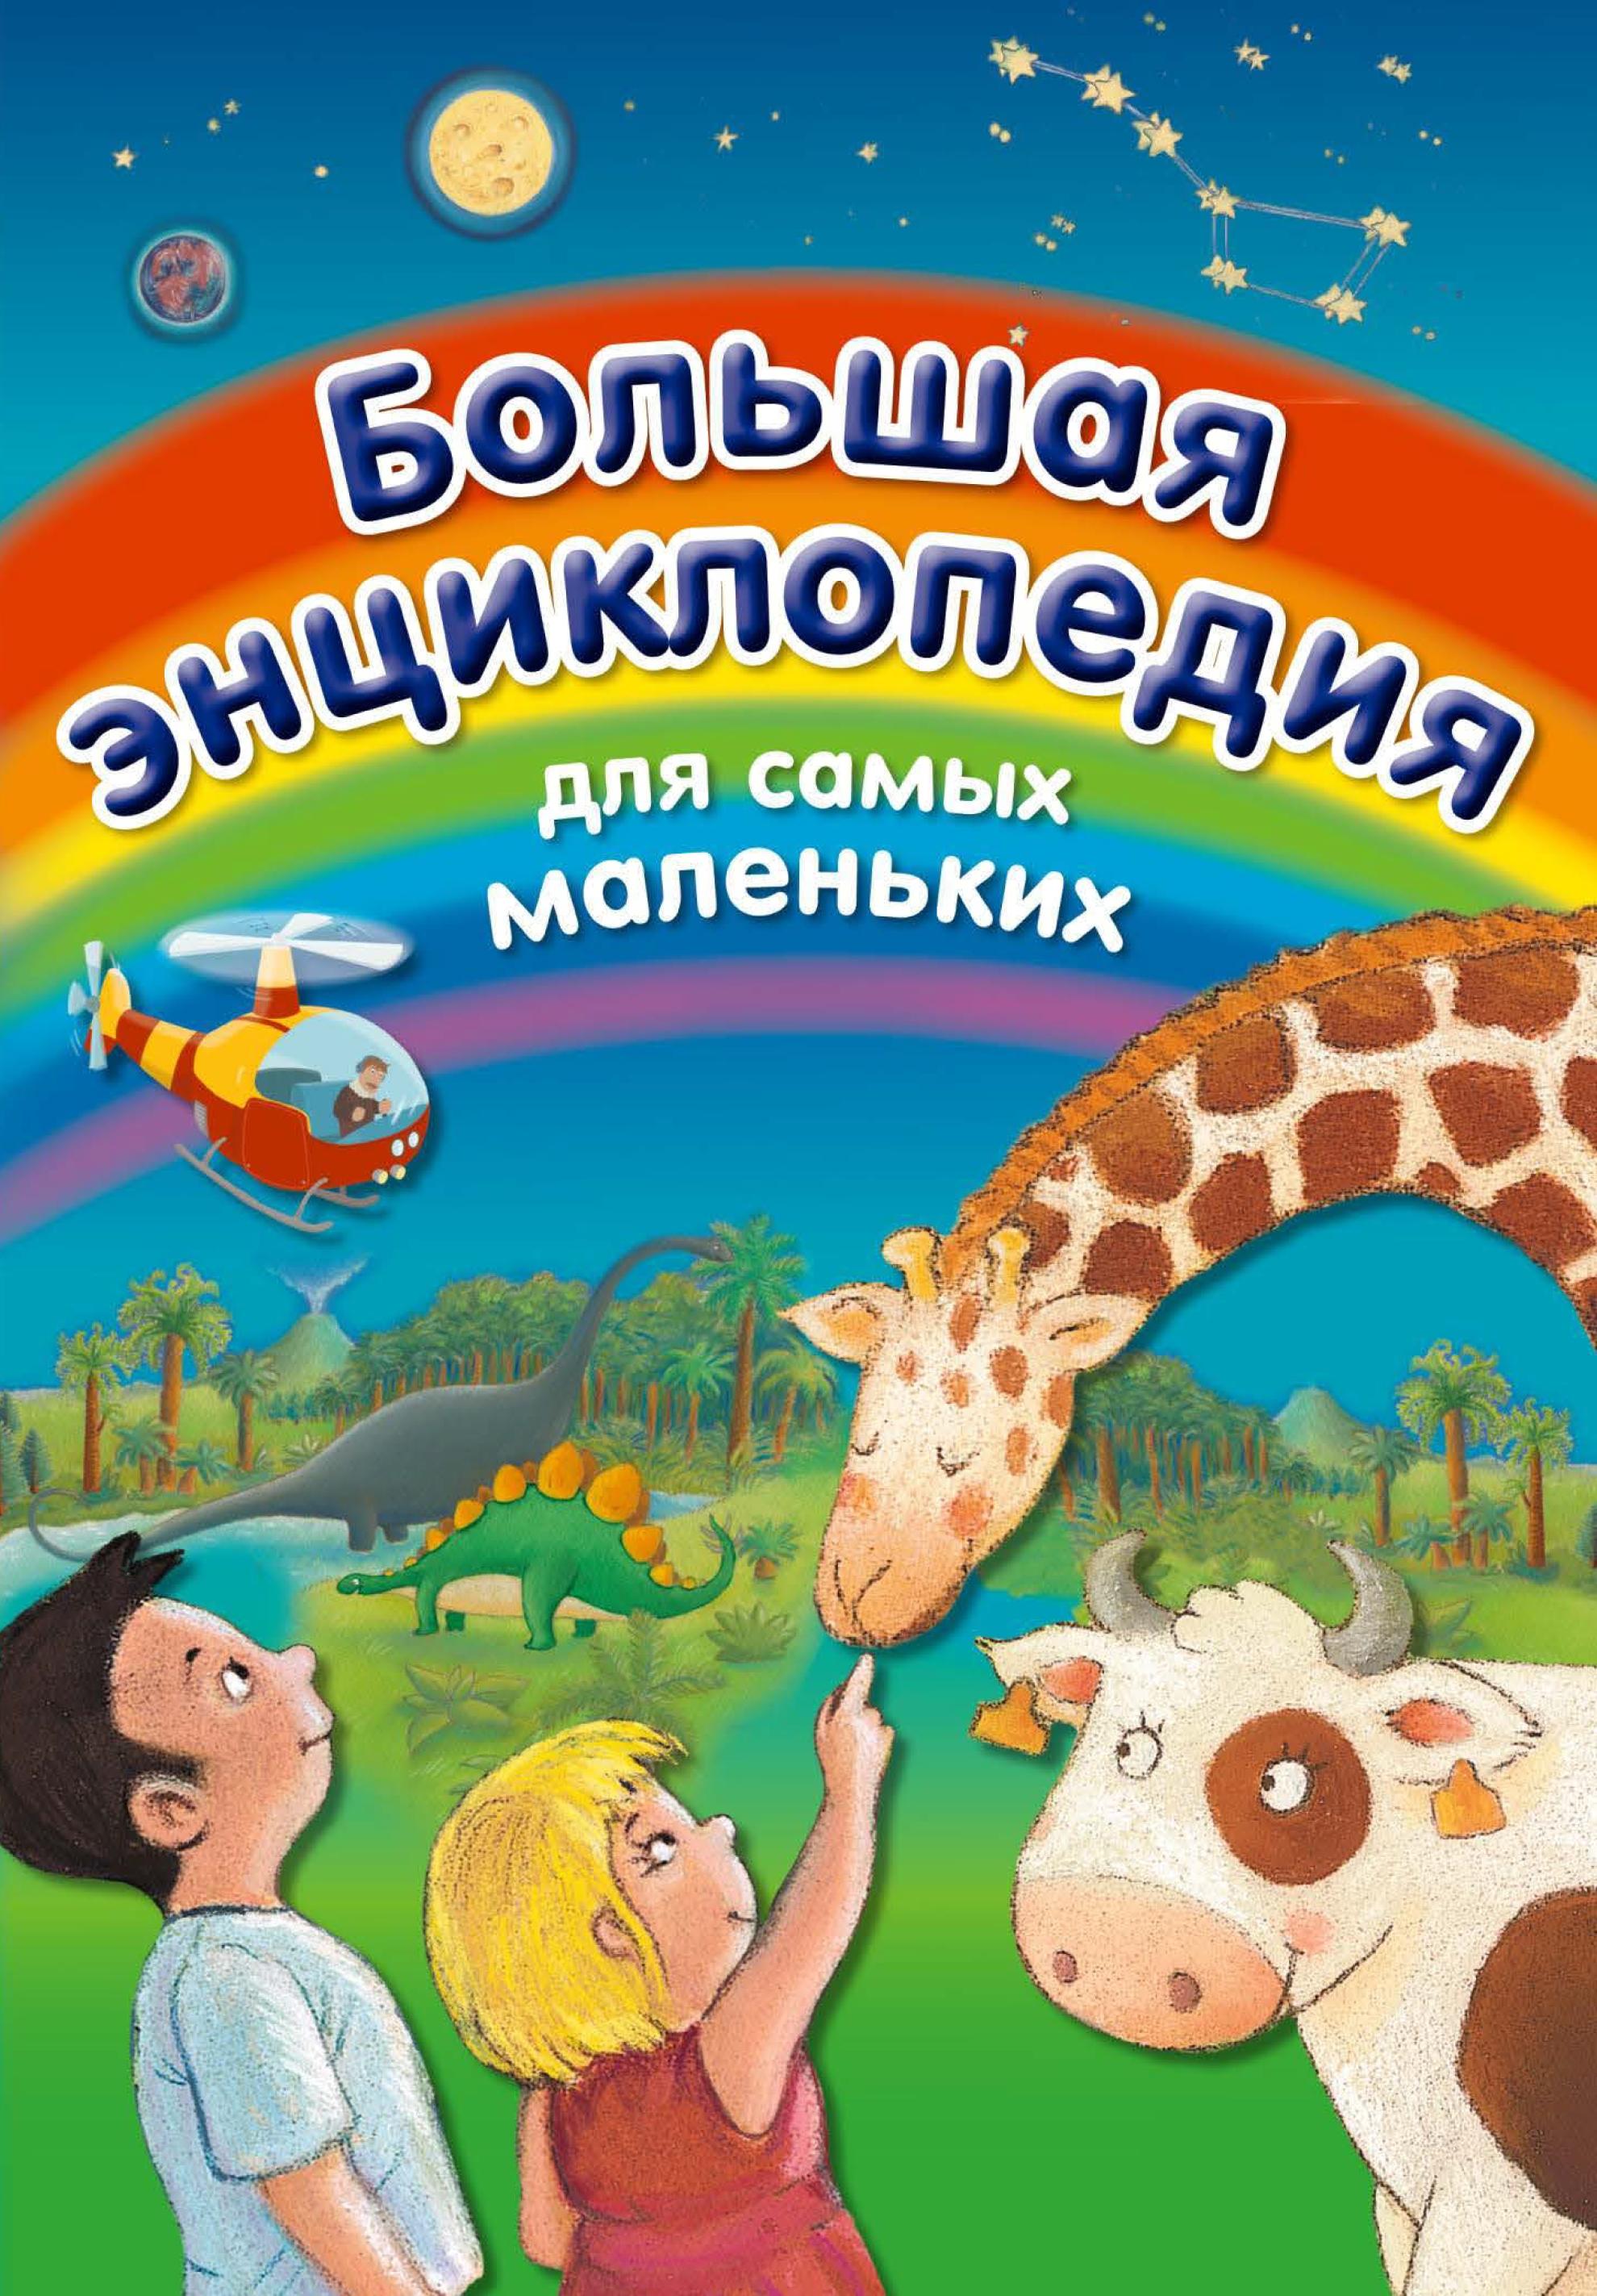 Эмили Бомон Большая энциклопедия для самых маленьких эмили бомон учимся хорошим манерам в обществе